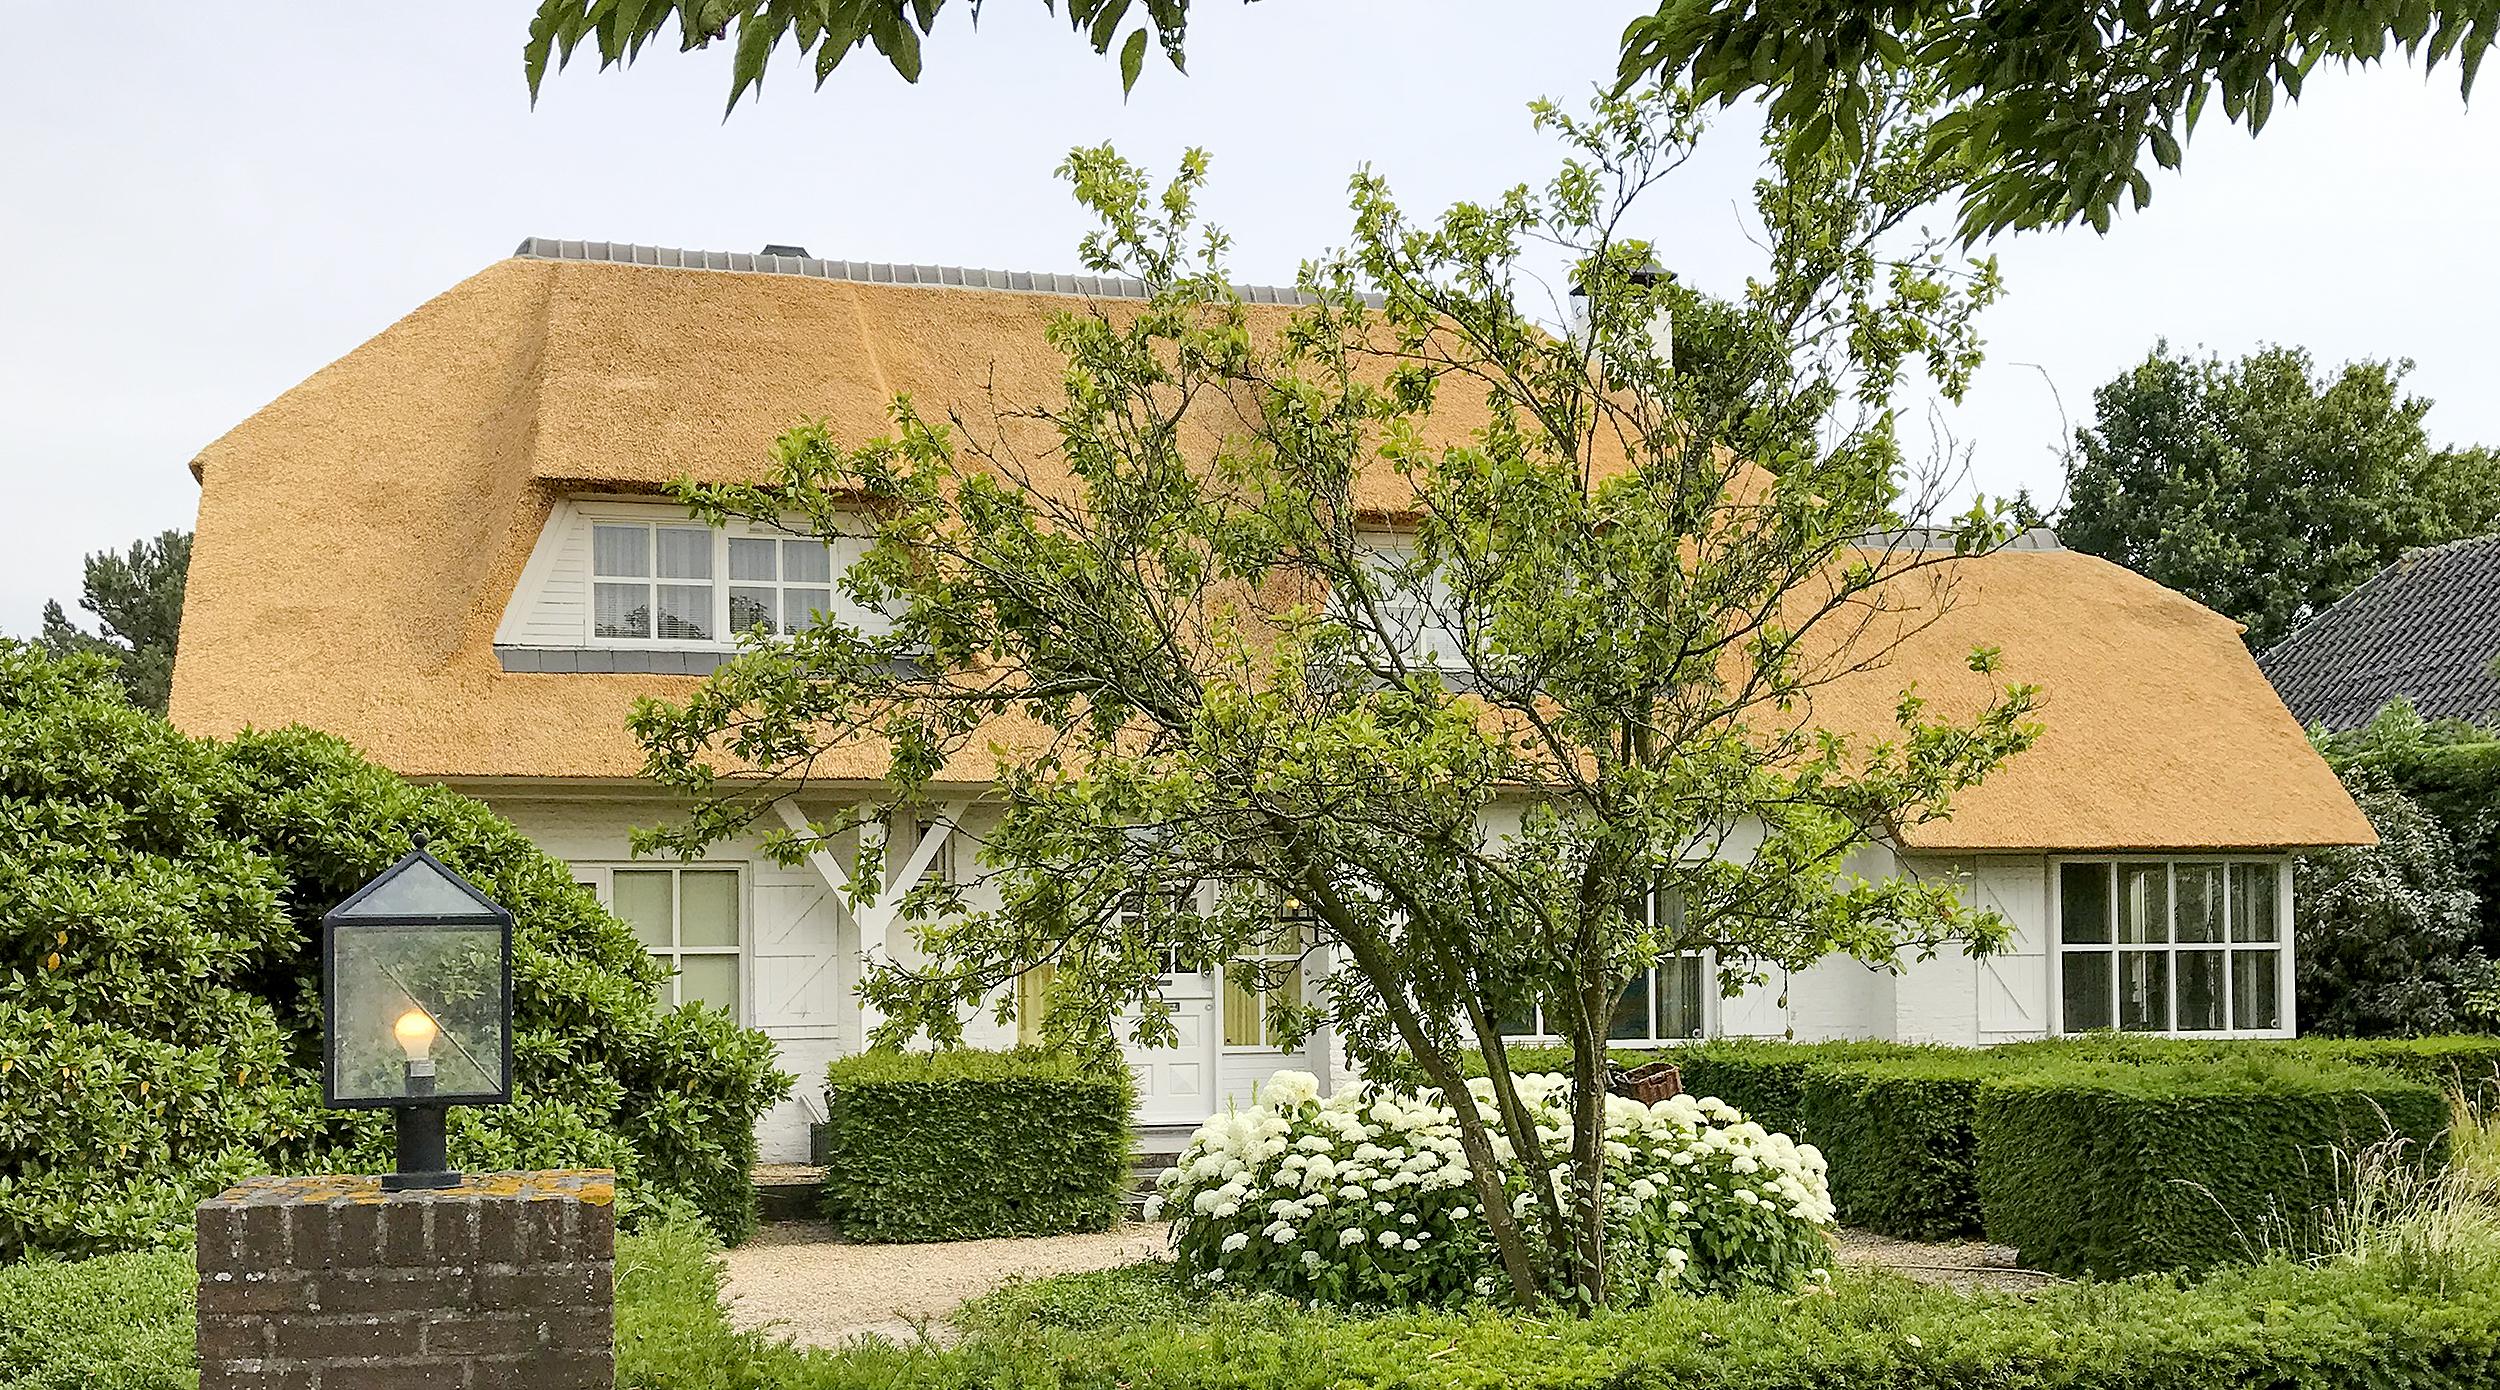 Rietdekkers-VOOGT-Delft-rietendak-Sassenheim-2500-02.jpg